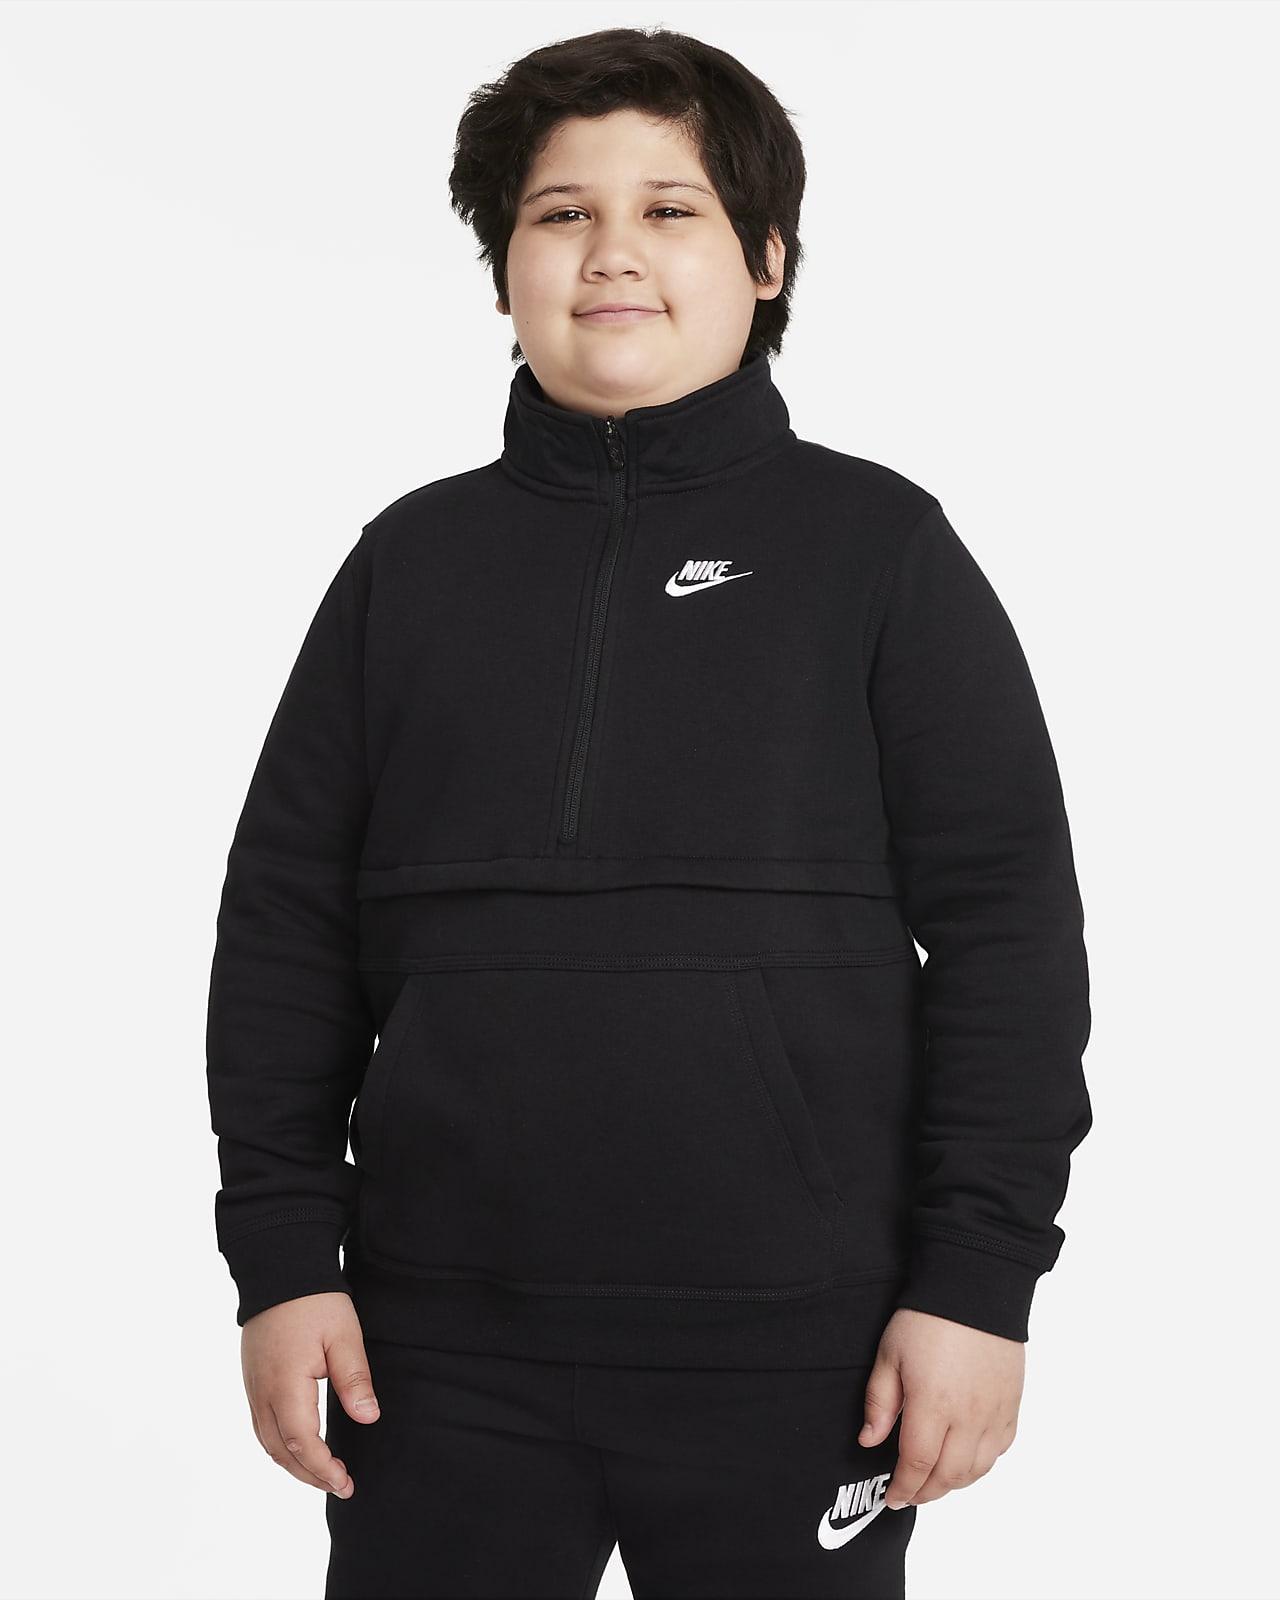 Nike Sportswear Club Yarım Fermuarlı Genç Çocuk (Erkek) Üstü (Geniş Beden)